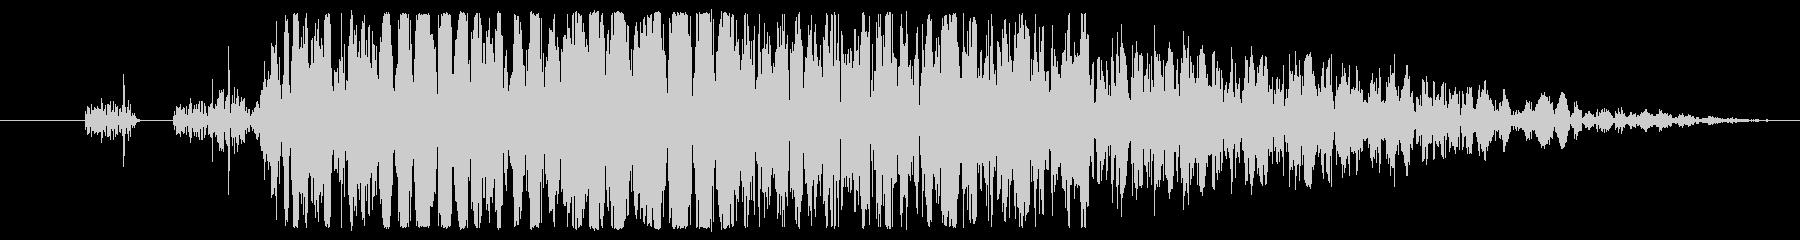 【打撃音01】パンチやキックに最適です!の未再生の波形